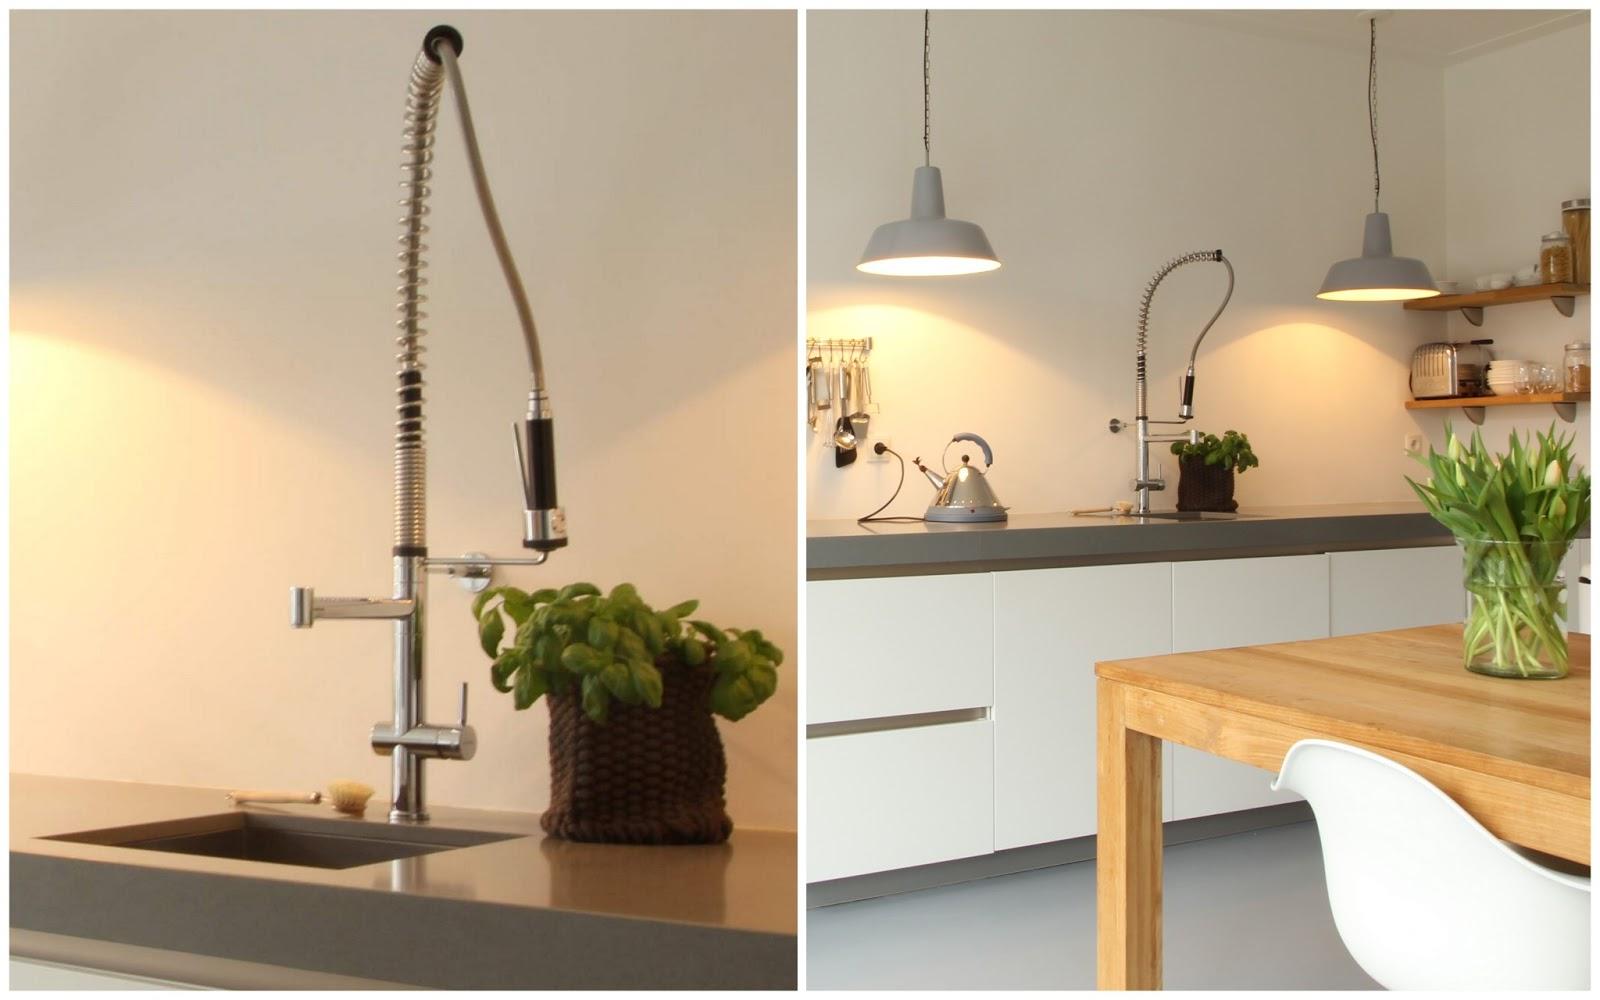 Gietvloer Keuken Plaatsen : over een prachtige gietvloer en openslaande deuren naar de tuin